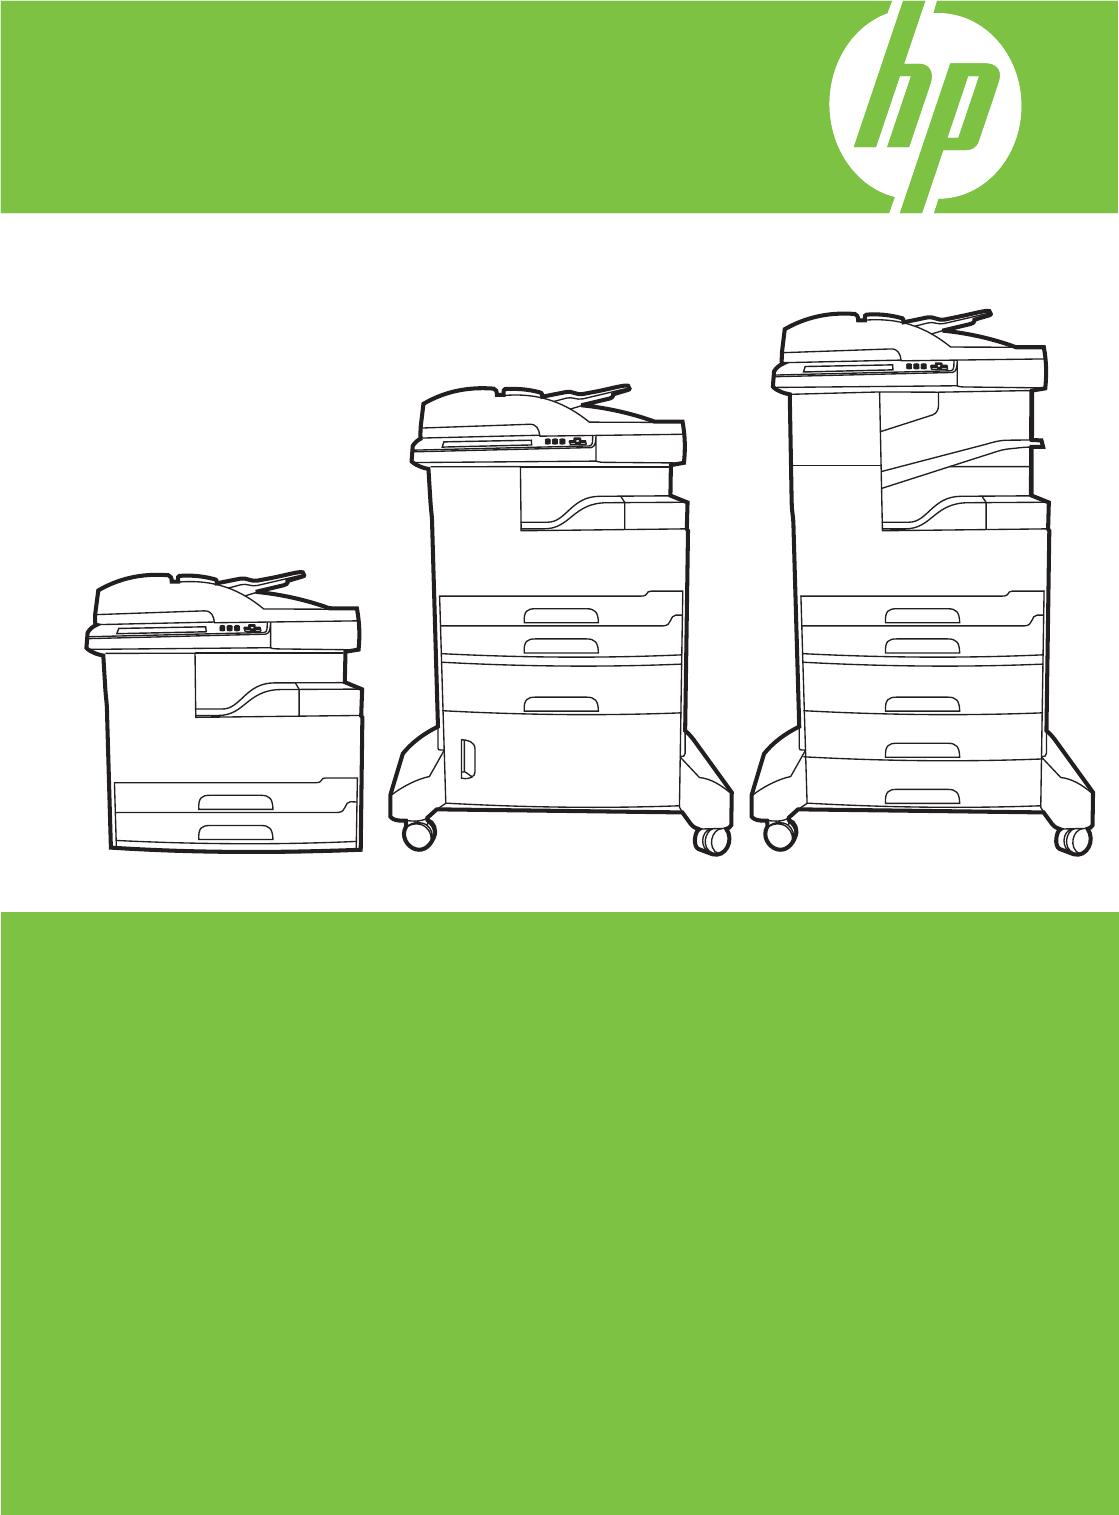 Wrg-8228] hp laserjet m5025 m5035 printer service manual | 2019.